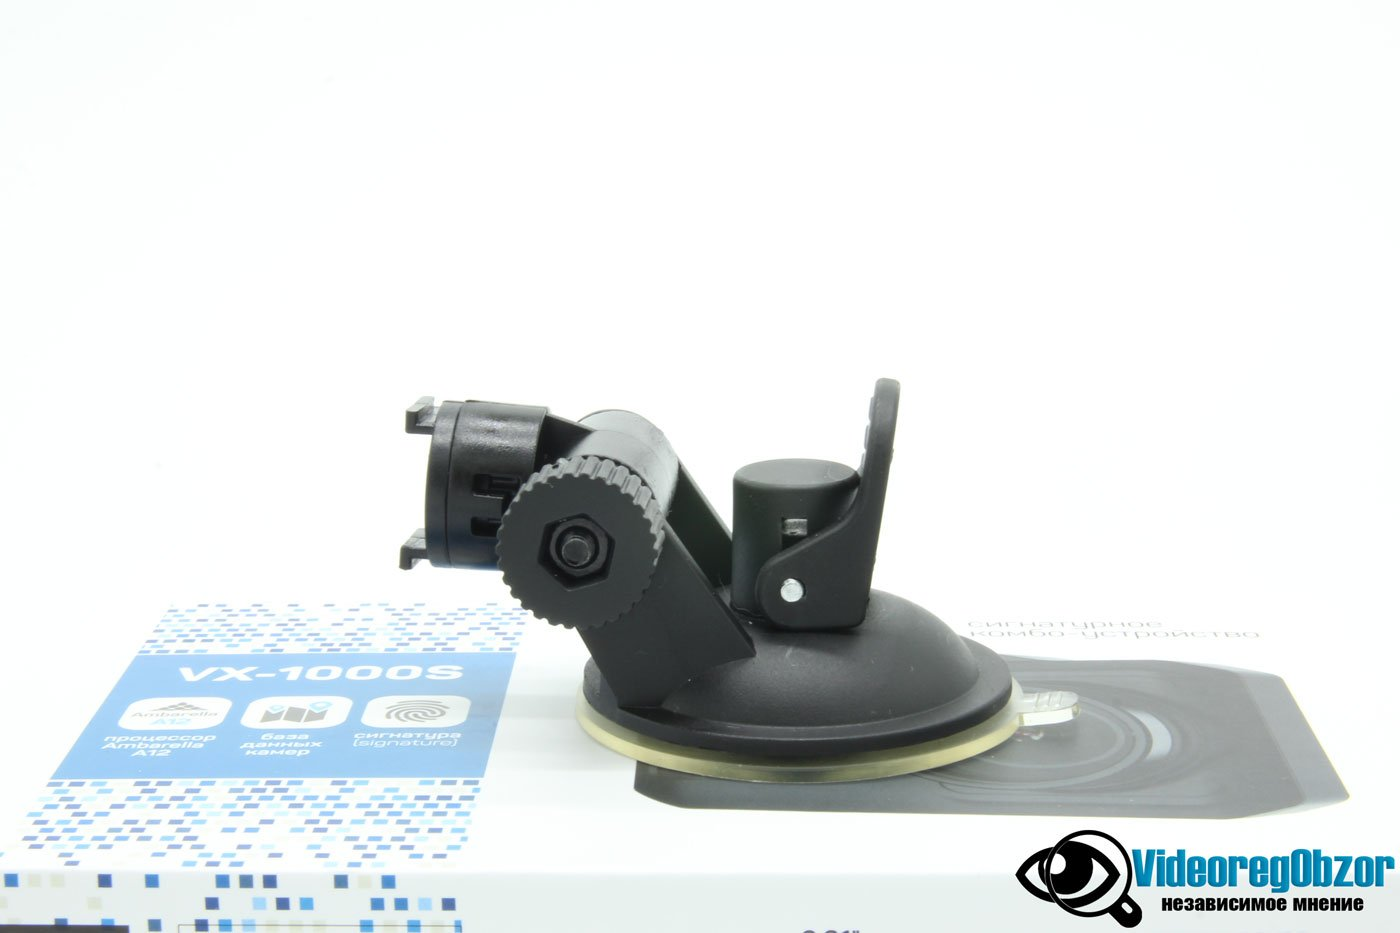 INTEGO VX 1000S 20